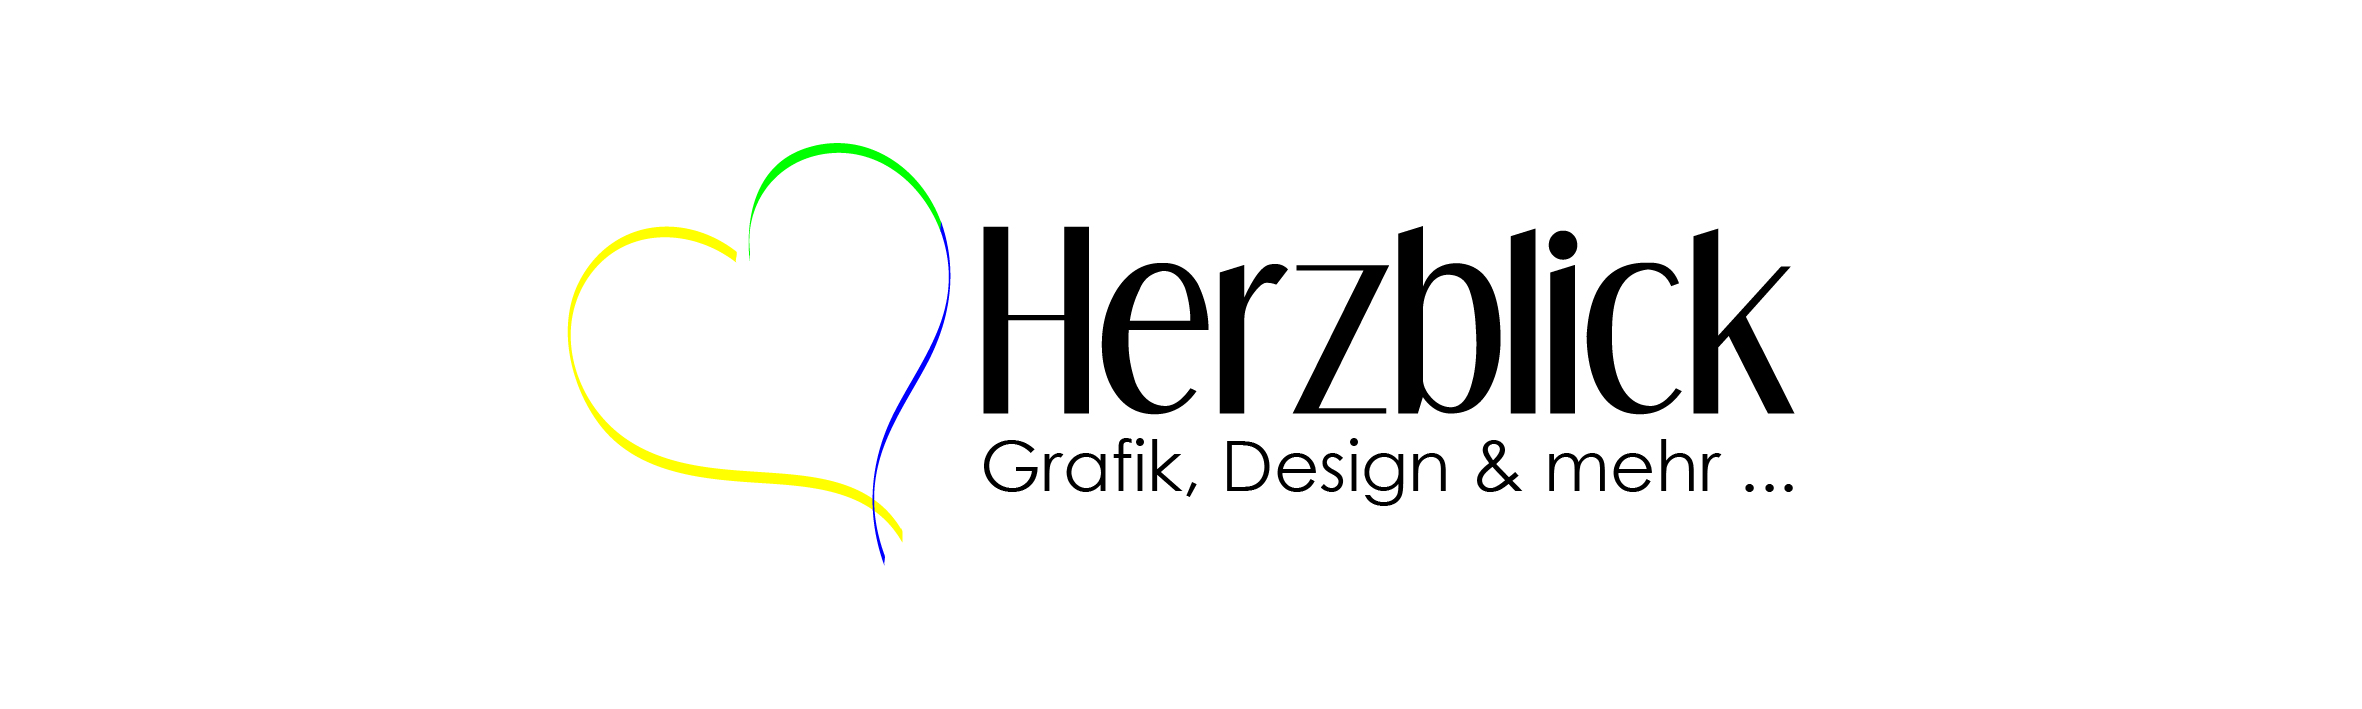 Herzblick   Grafik, Design & mehr